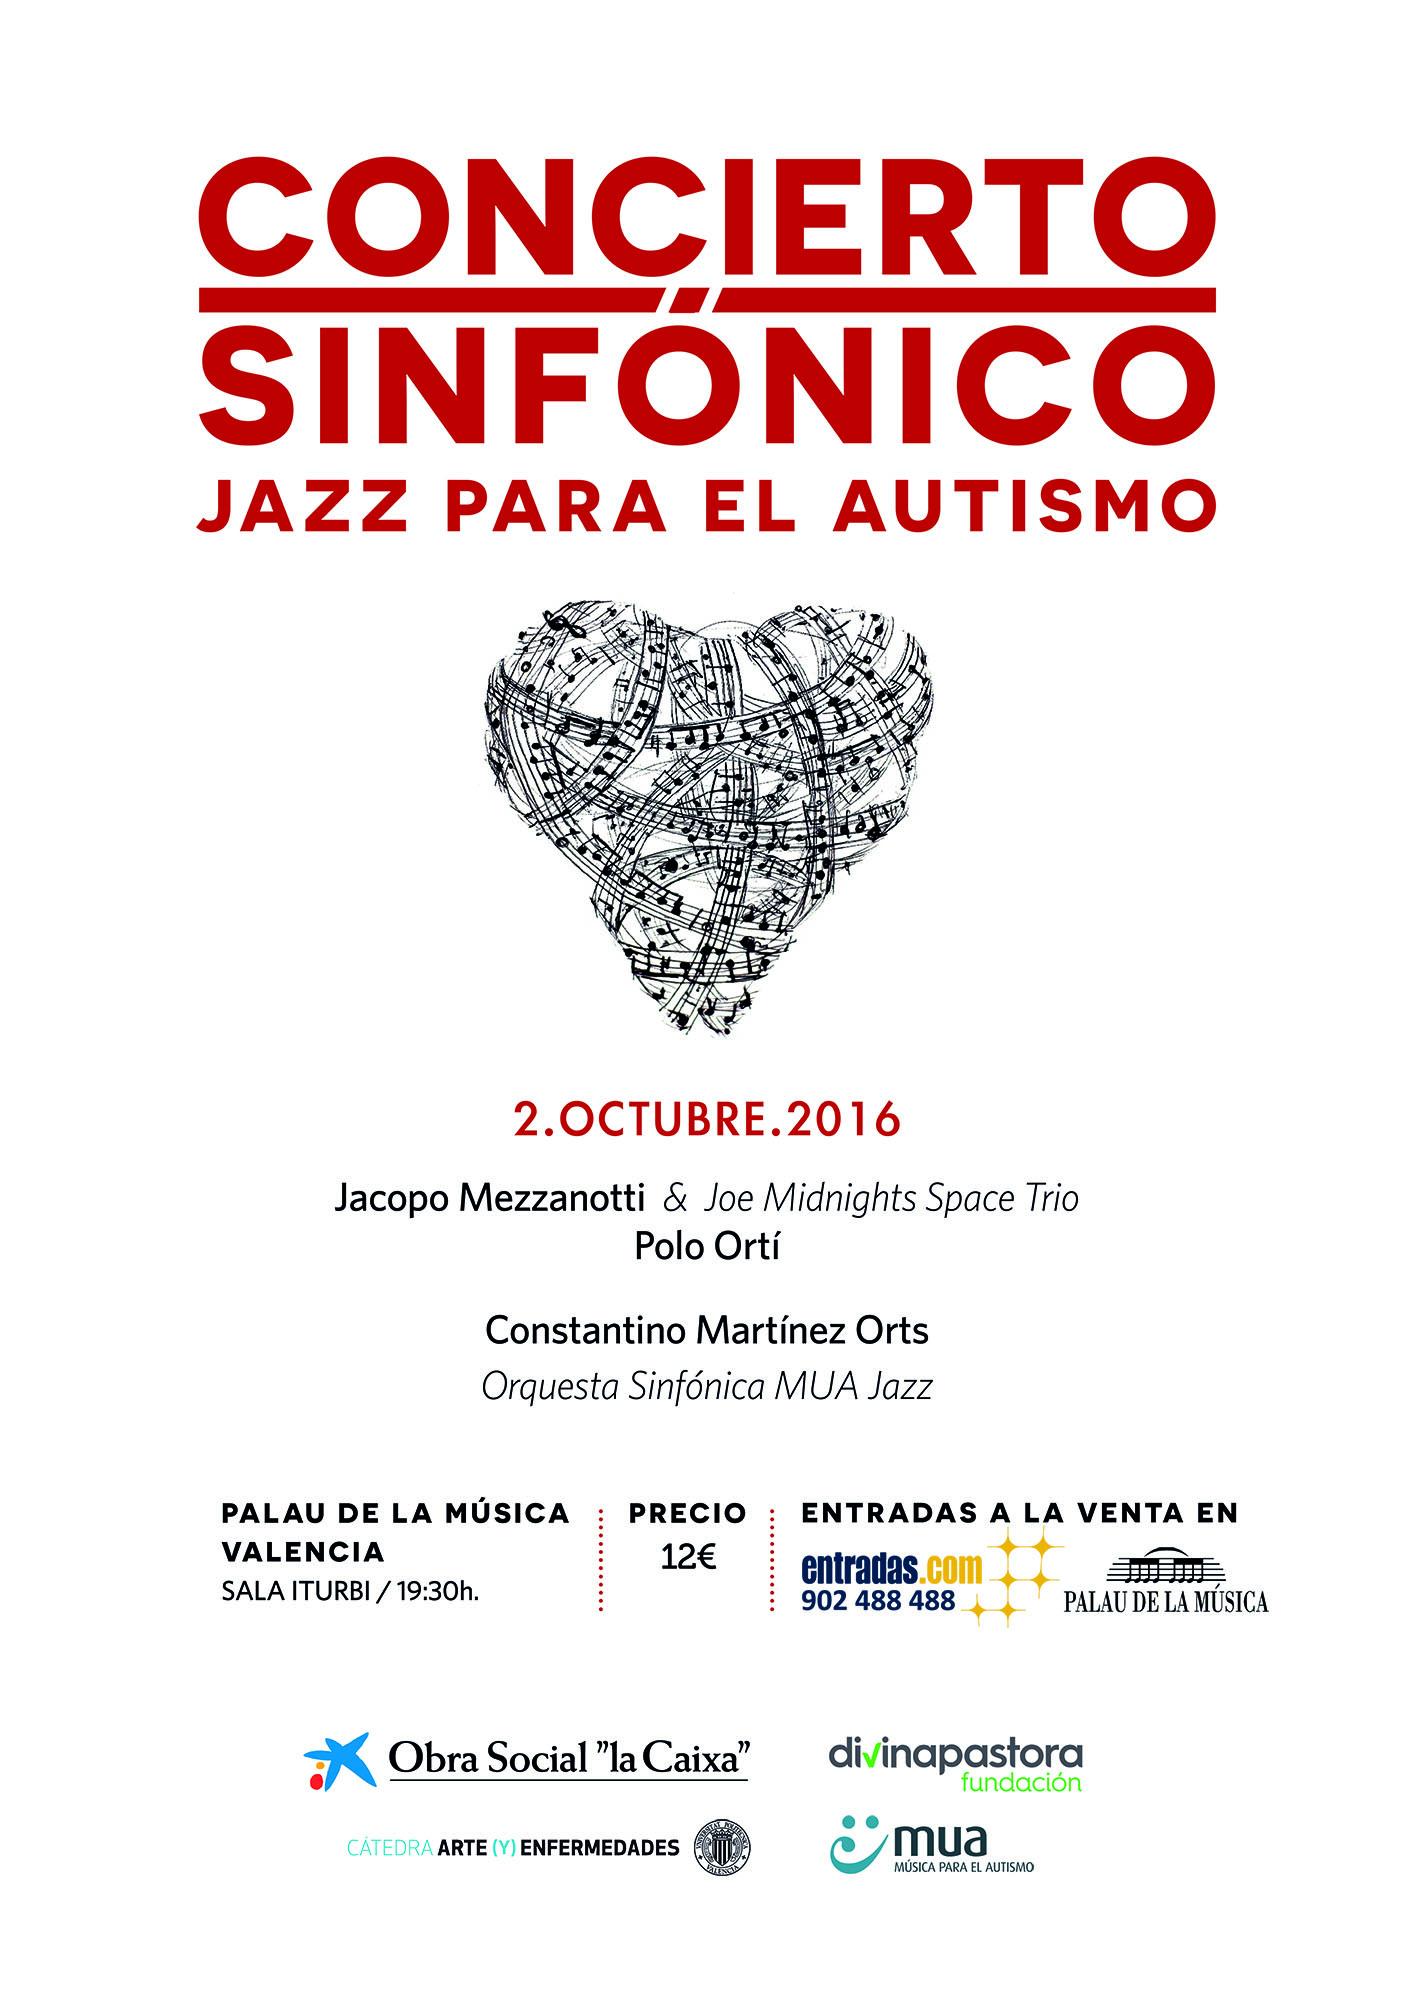 Concierto Sinfónico Jazz para el autismo